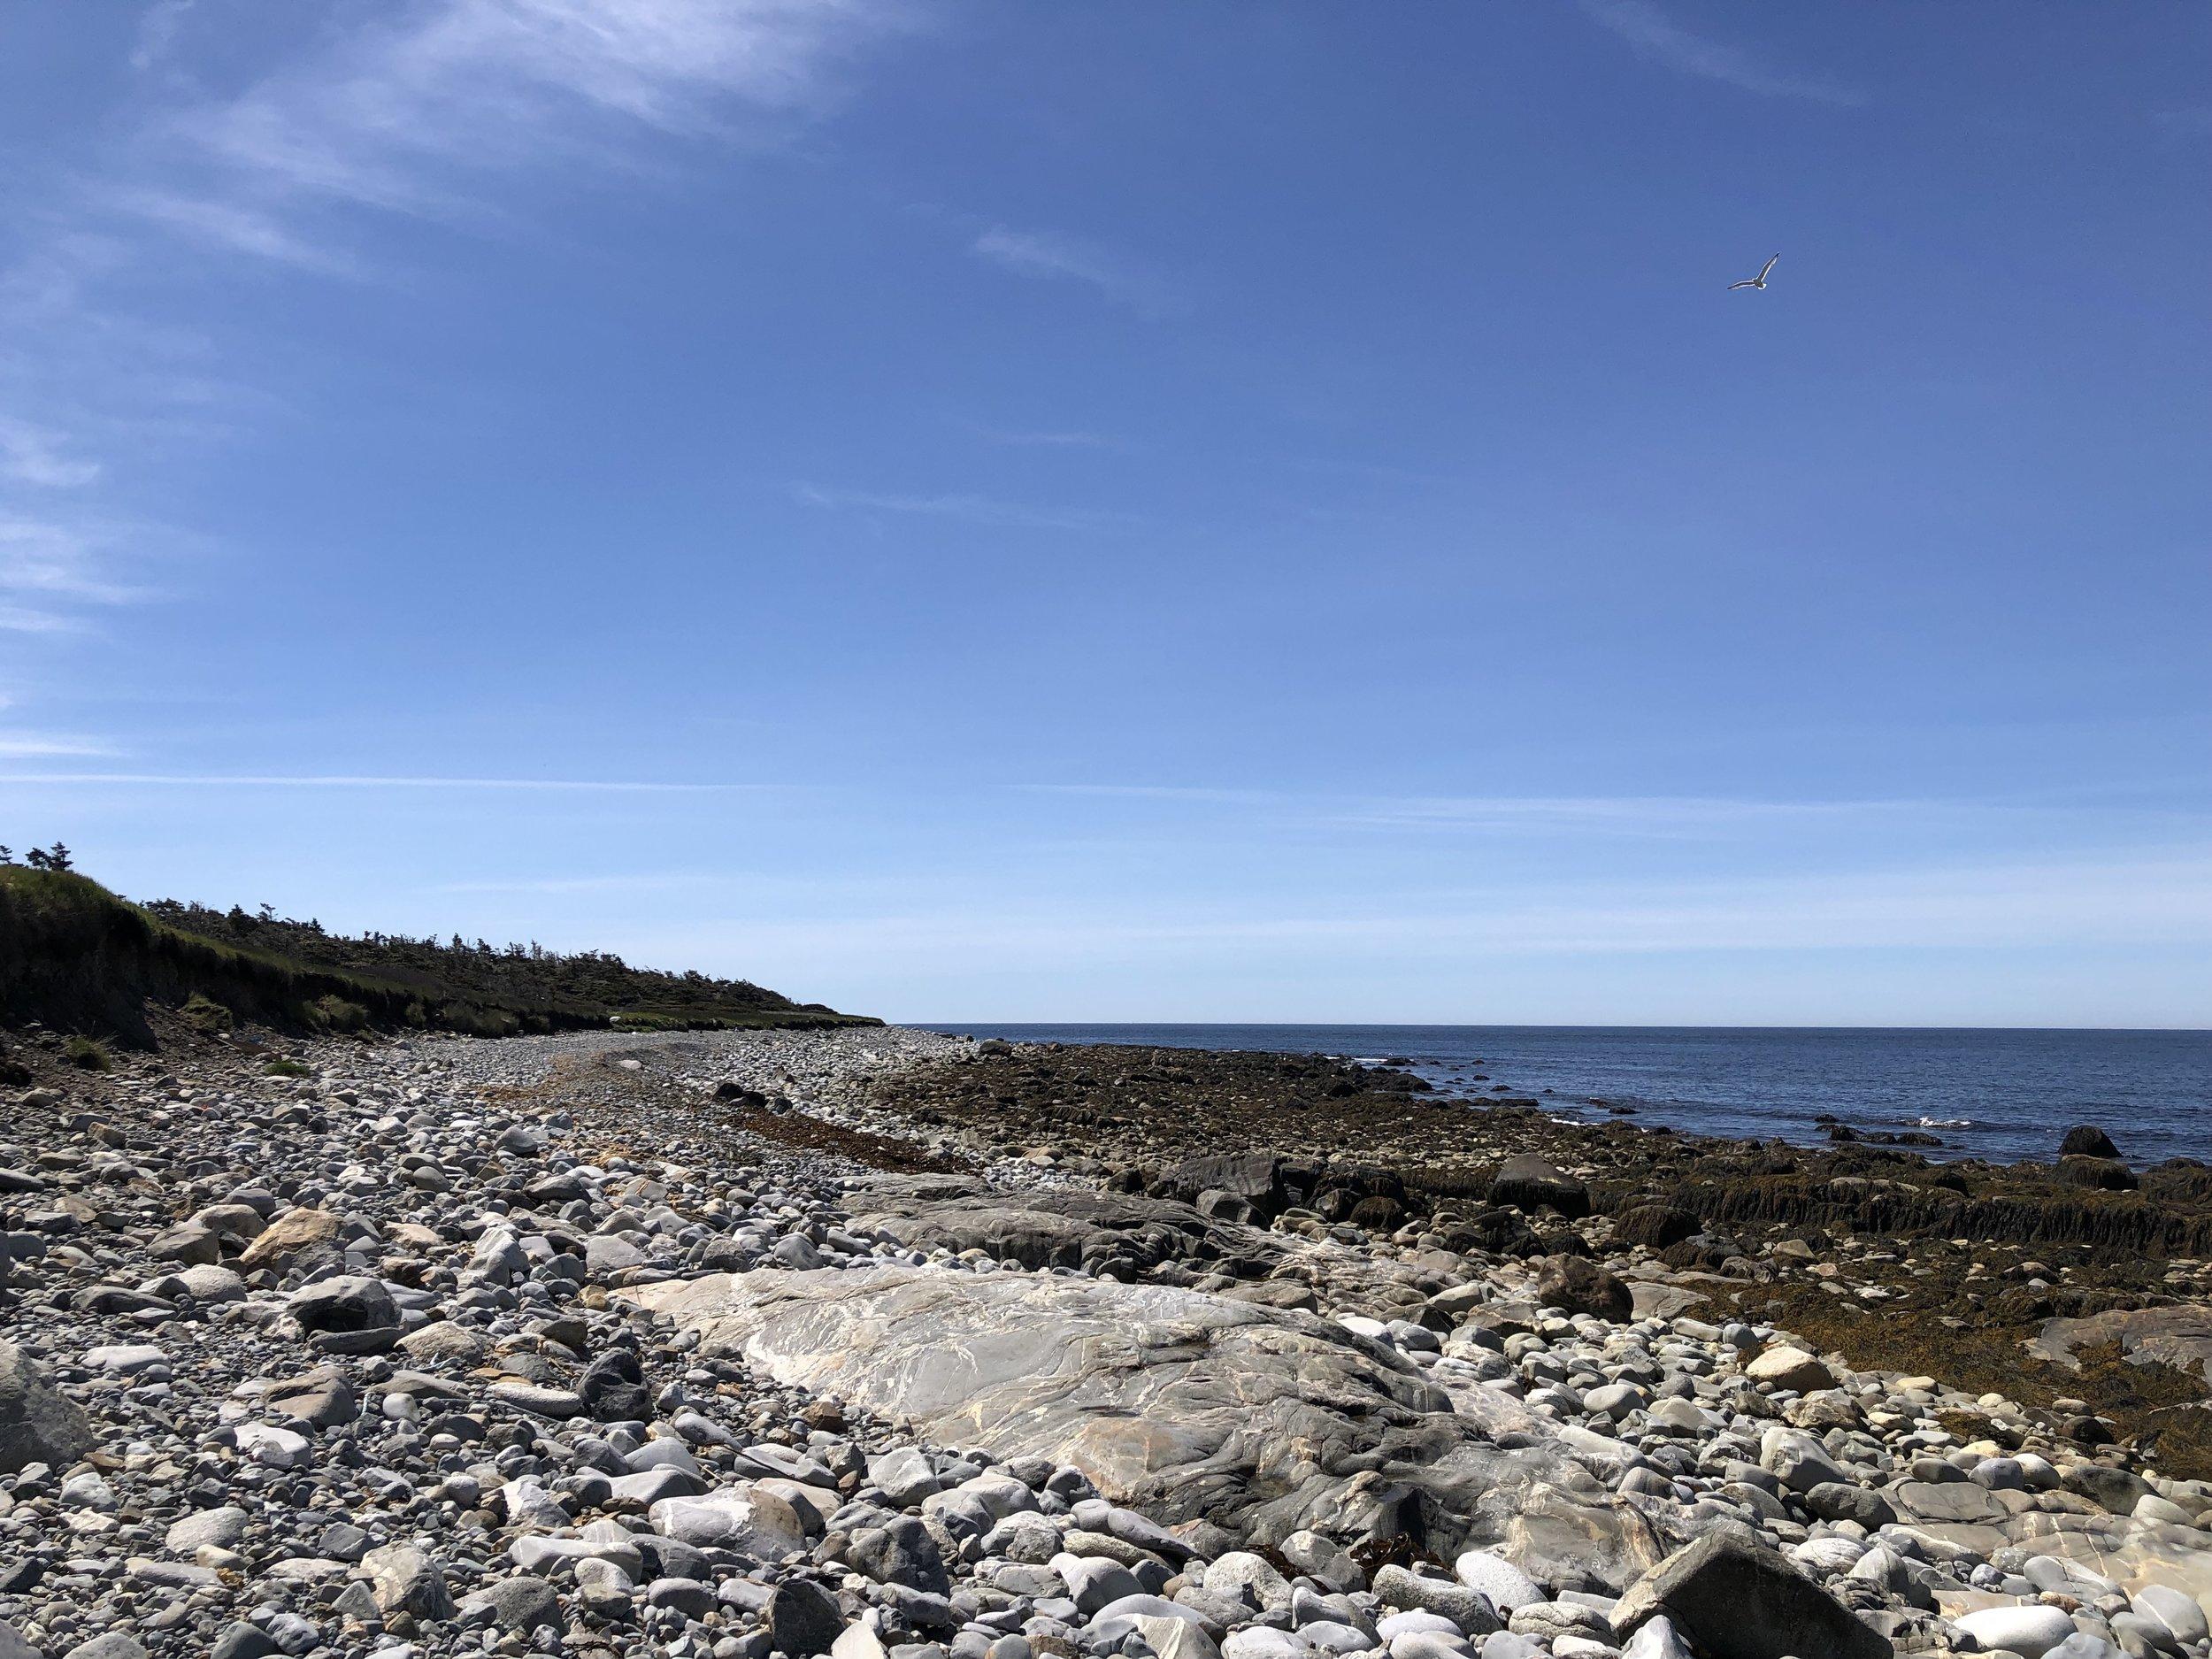 BP beach